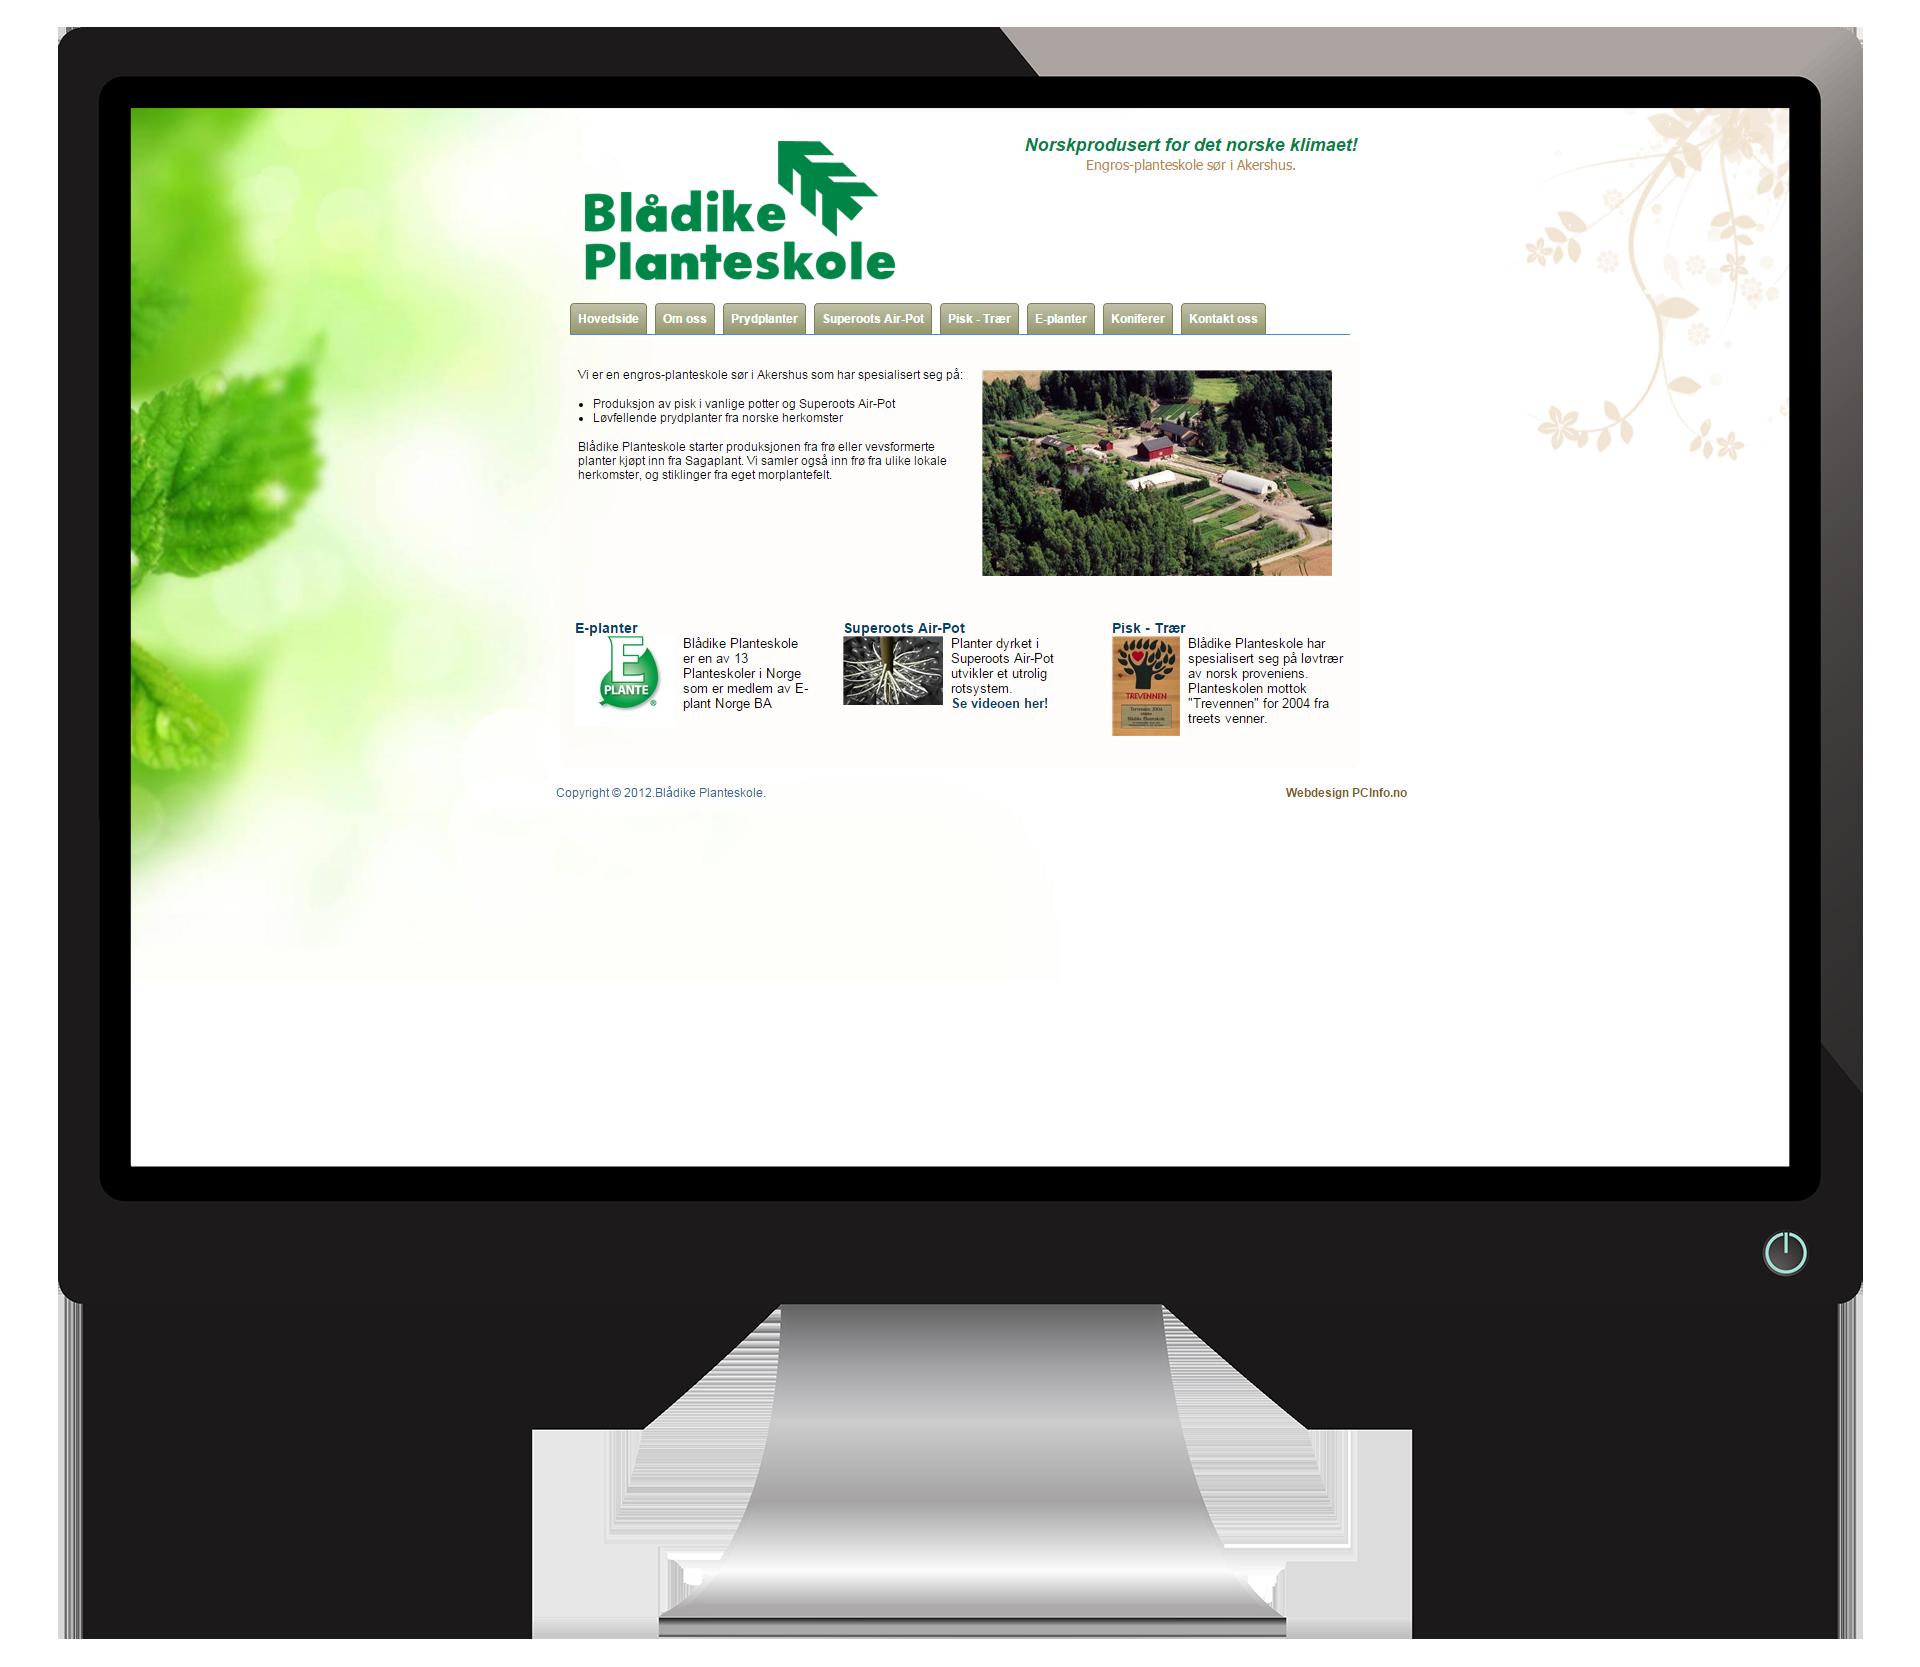 En pc-skjerm som viser nettsidene til Blaadike